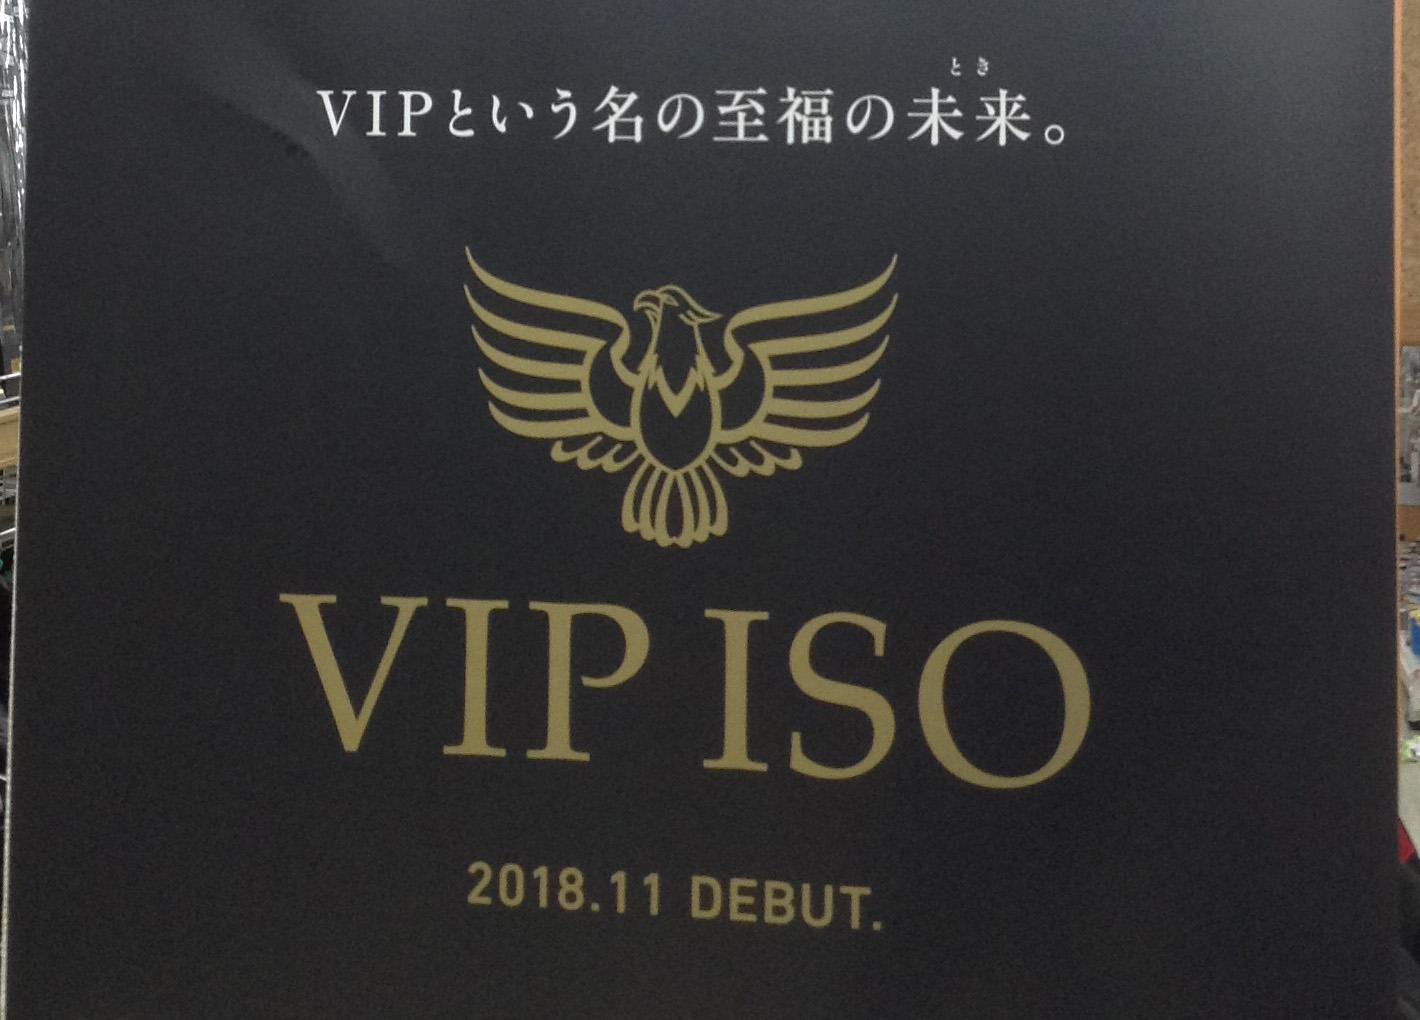 11月発売予定!ただ今、特典付きで予約承り中!ダイワ『VIP ISO シリーズ』